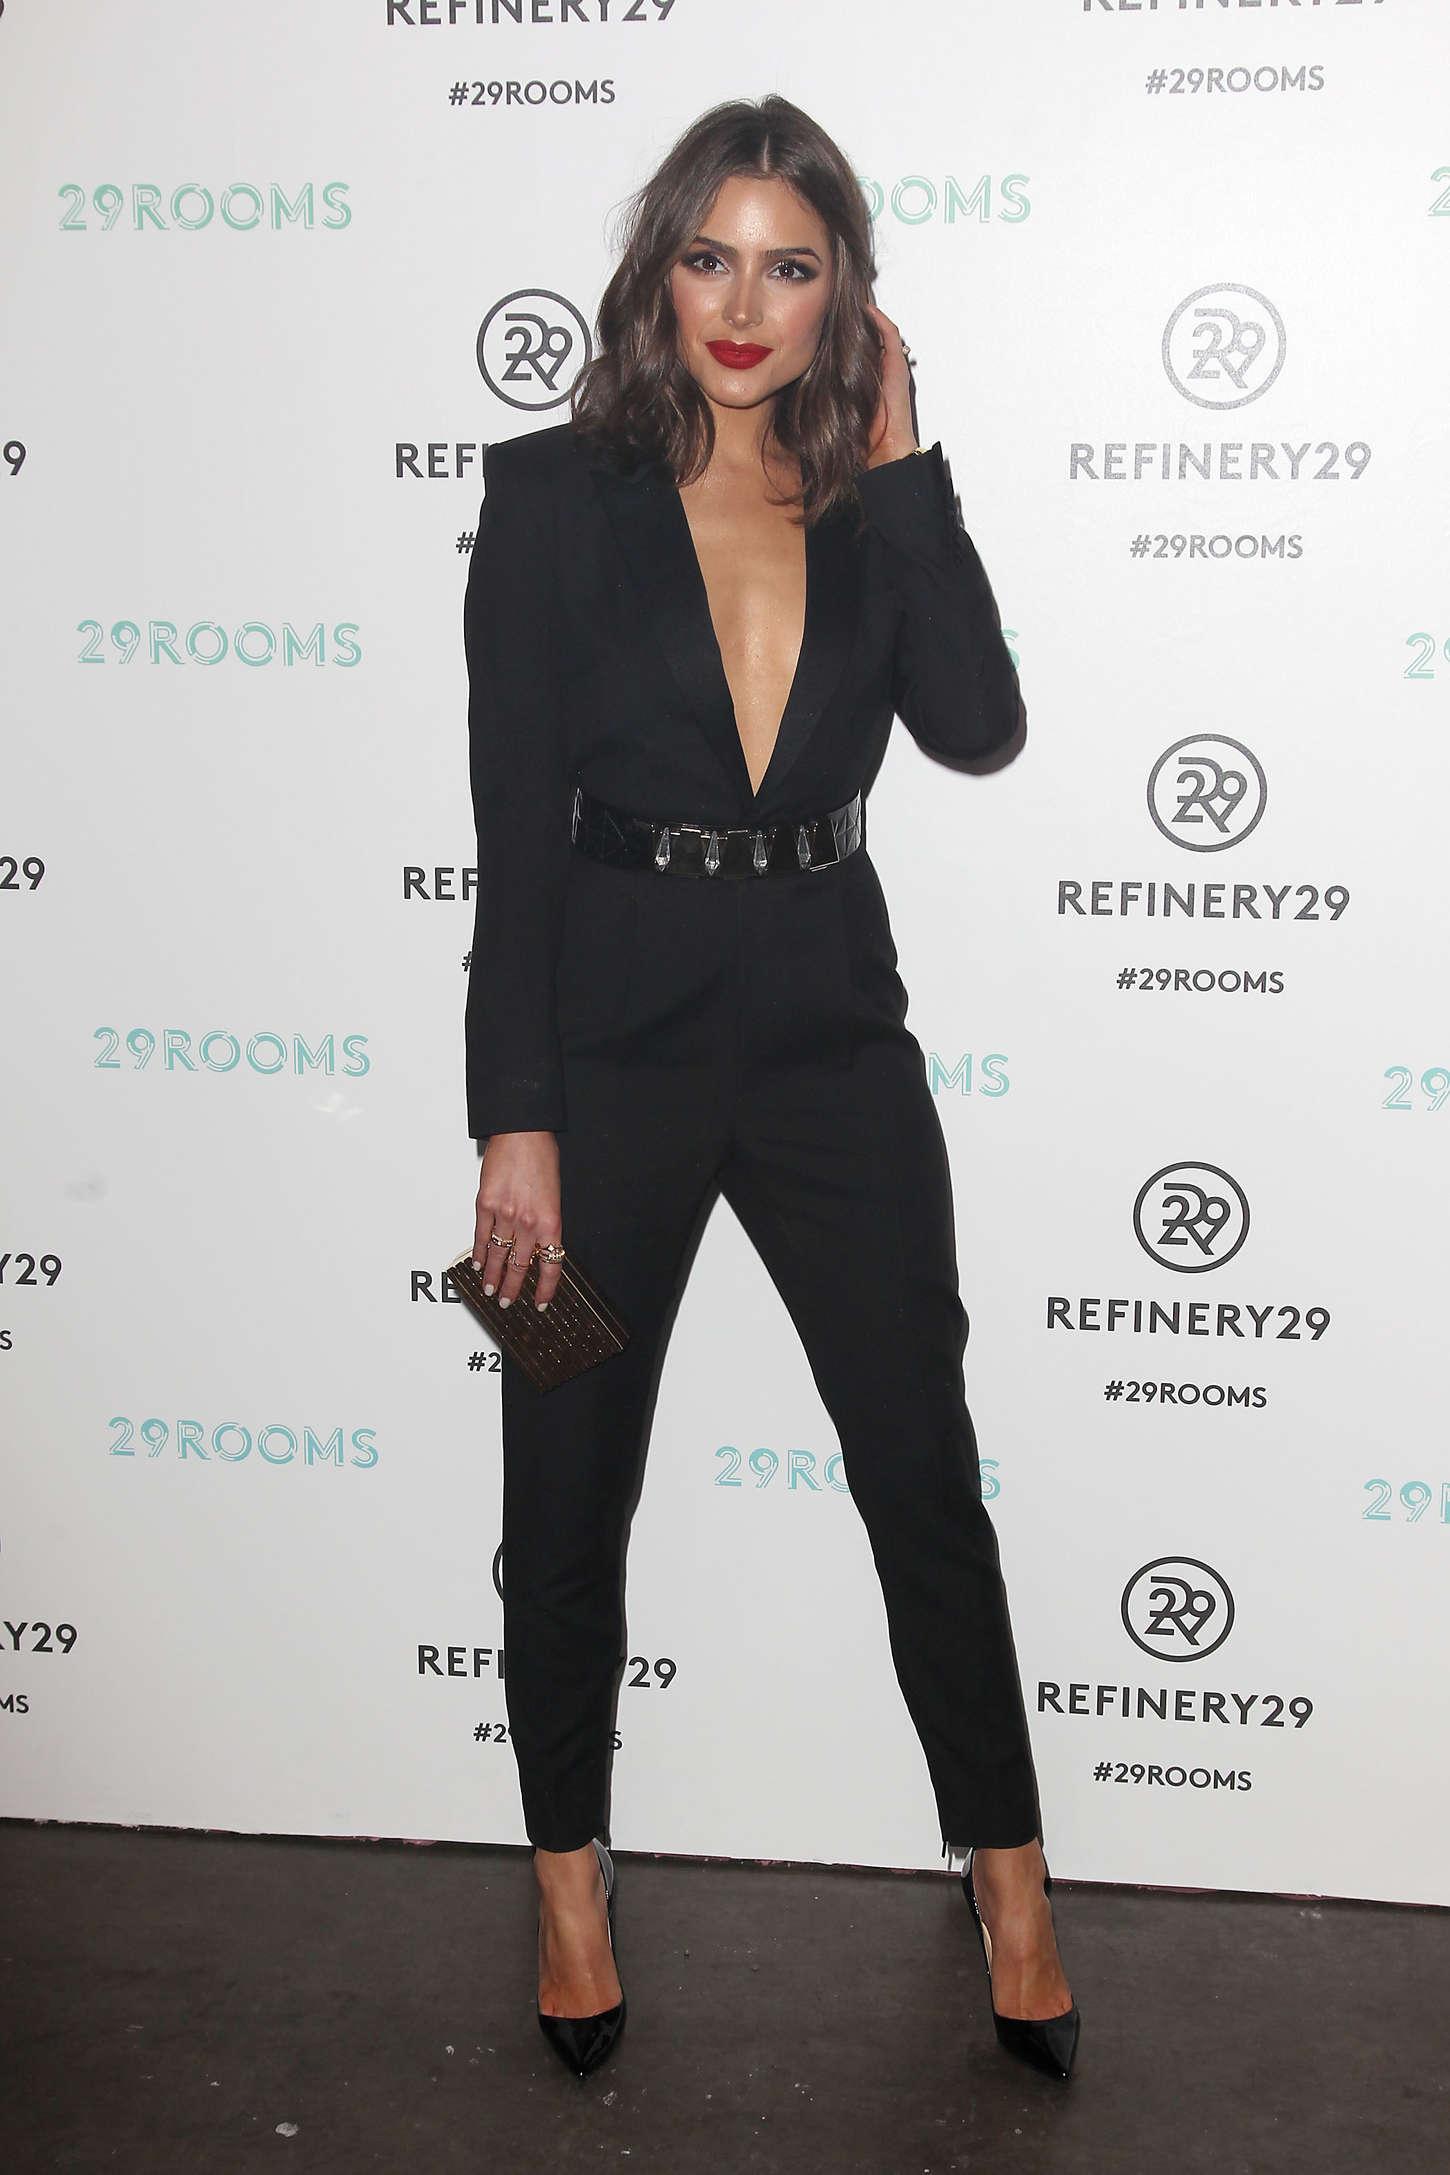 Olivia Culpo 2015 : Olivia Culpo: Refinery29 Presents 29Room -04